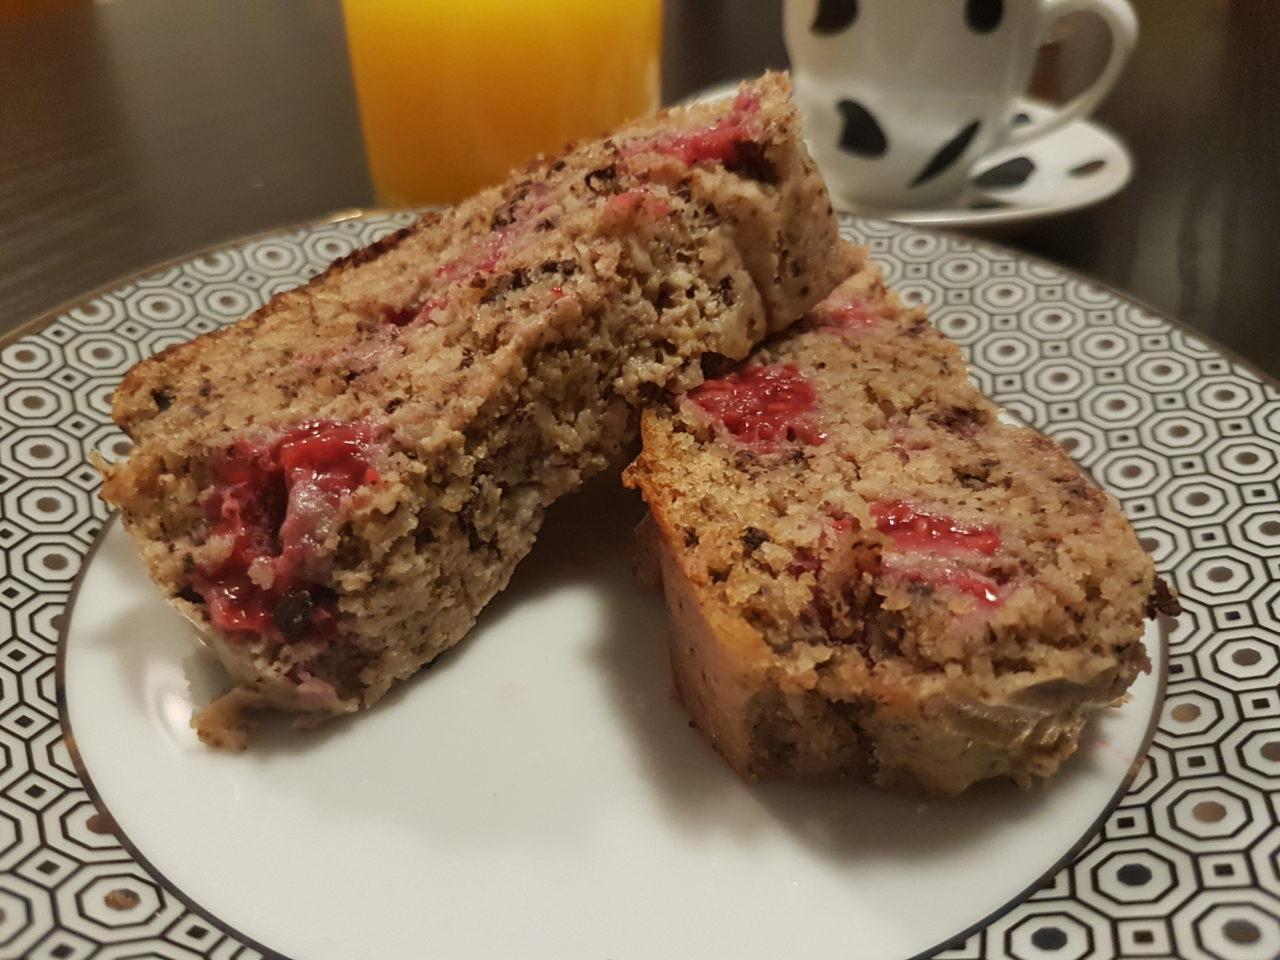 Plumcake al cioccolato con lamponi e frutta secca